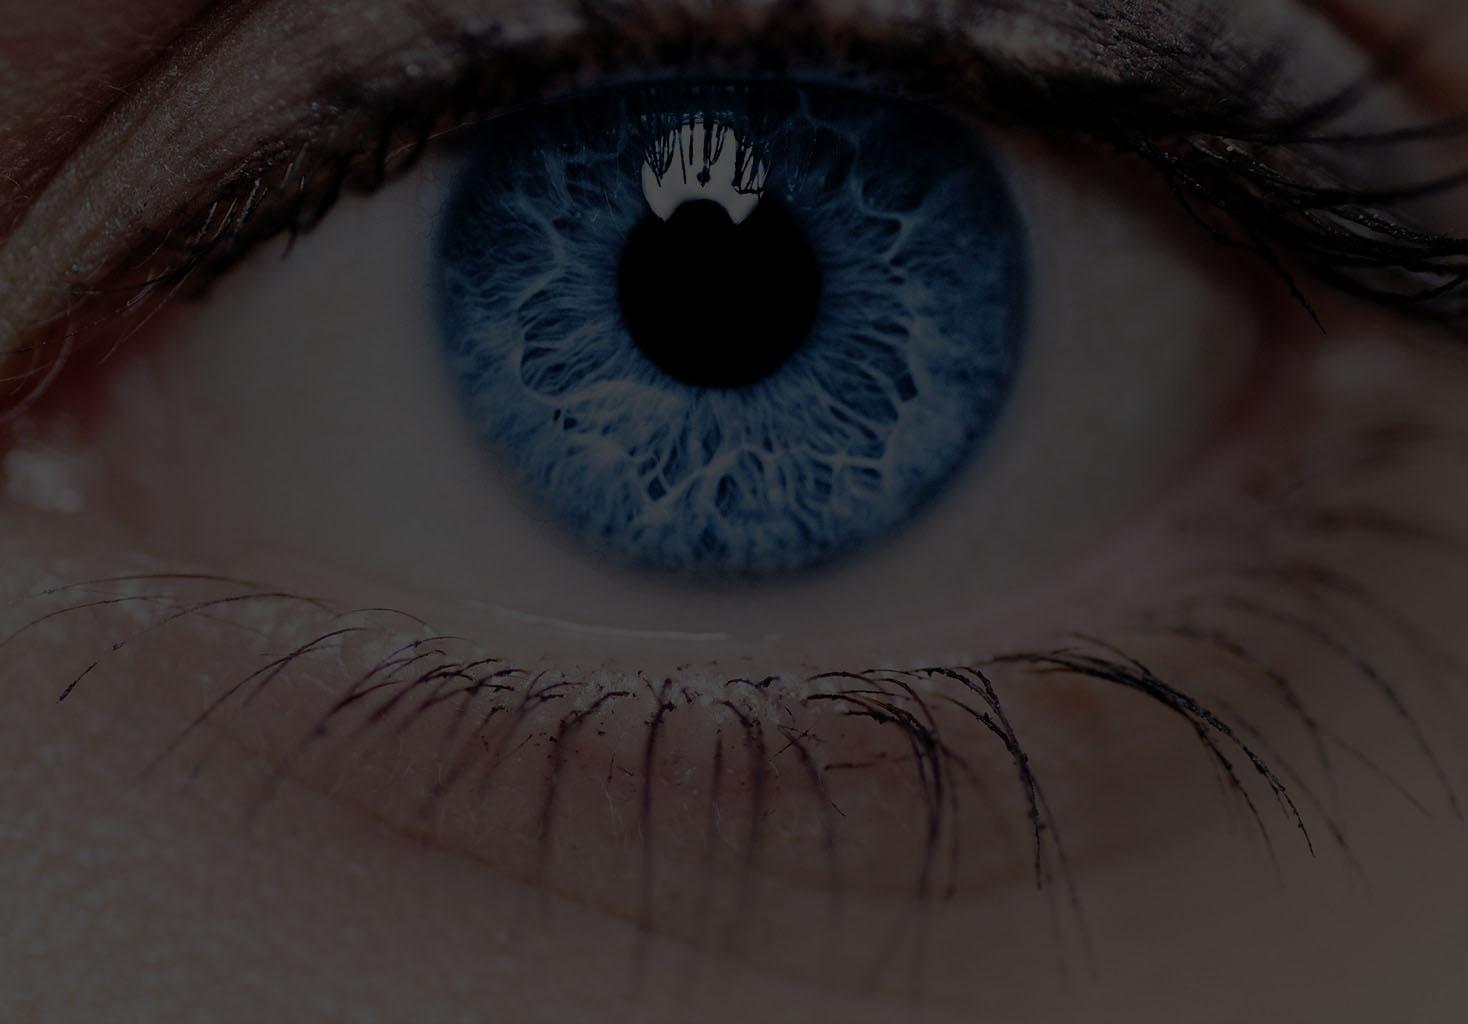 eye color change laser turkey